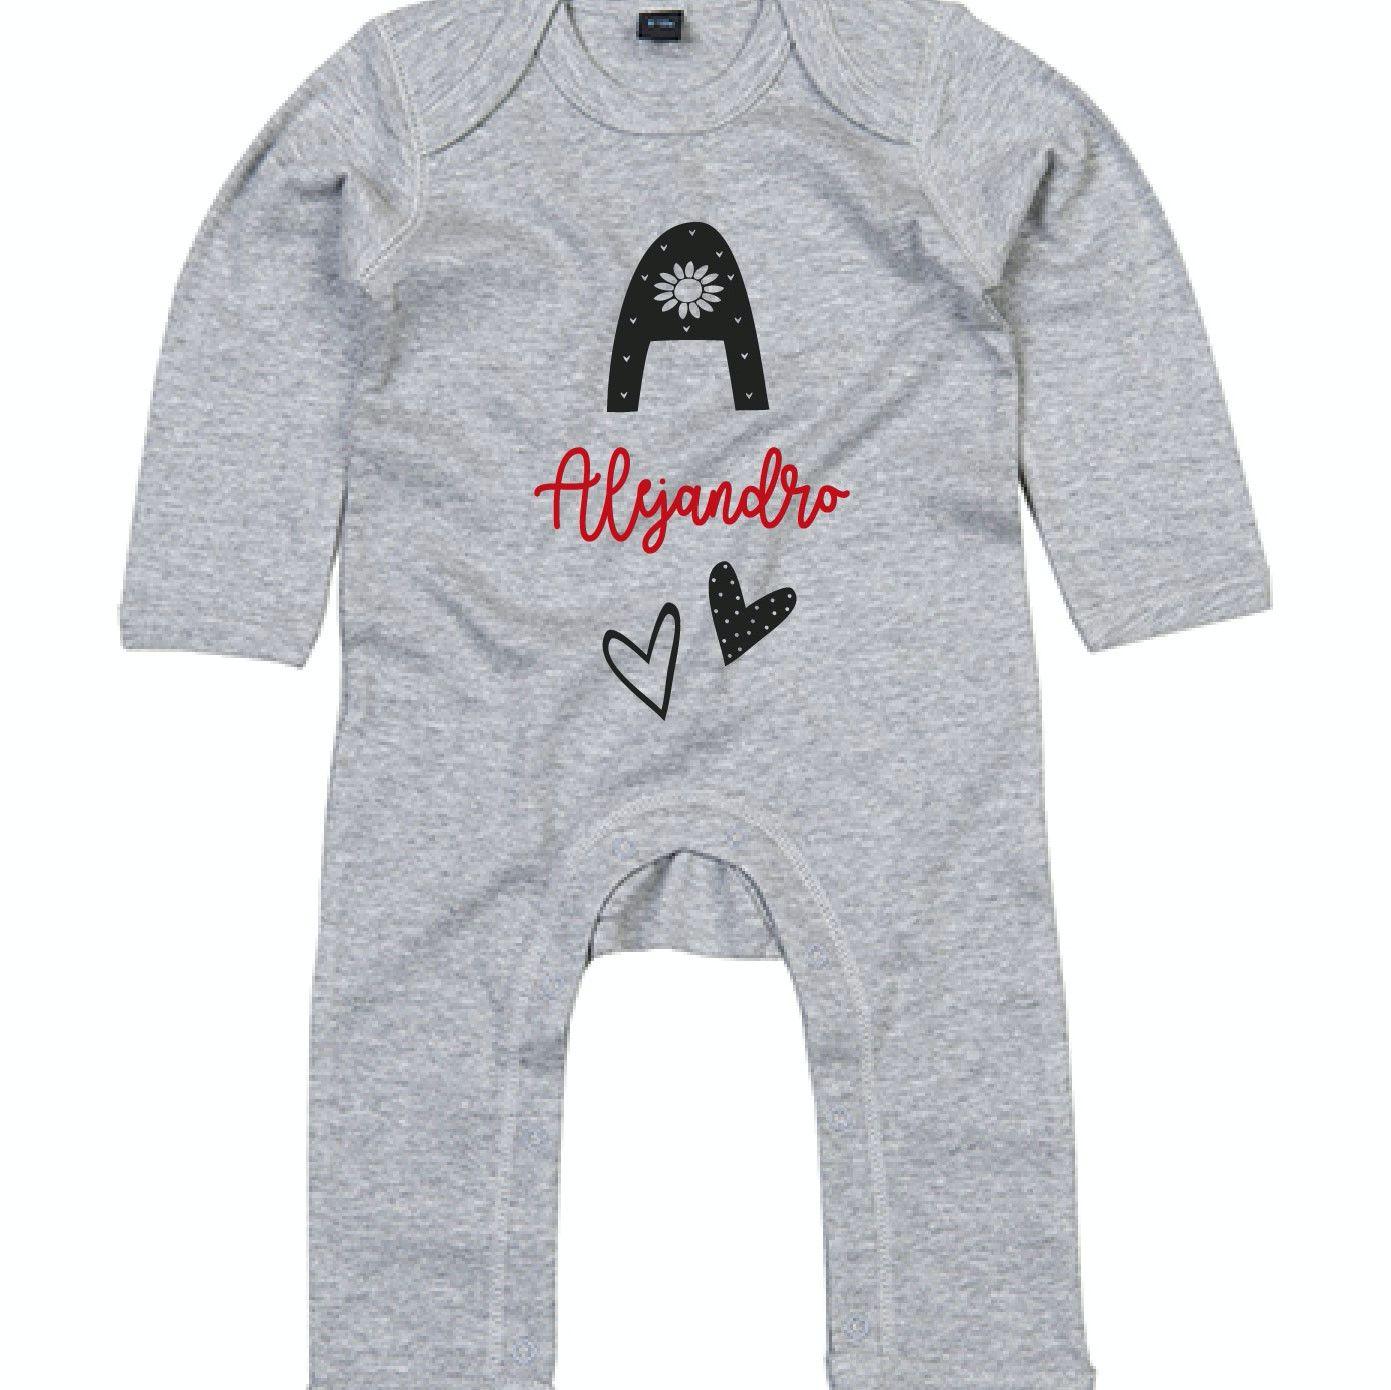 Pijama personalizado con nombre